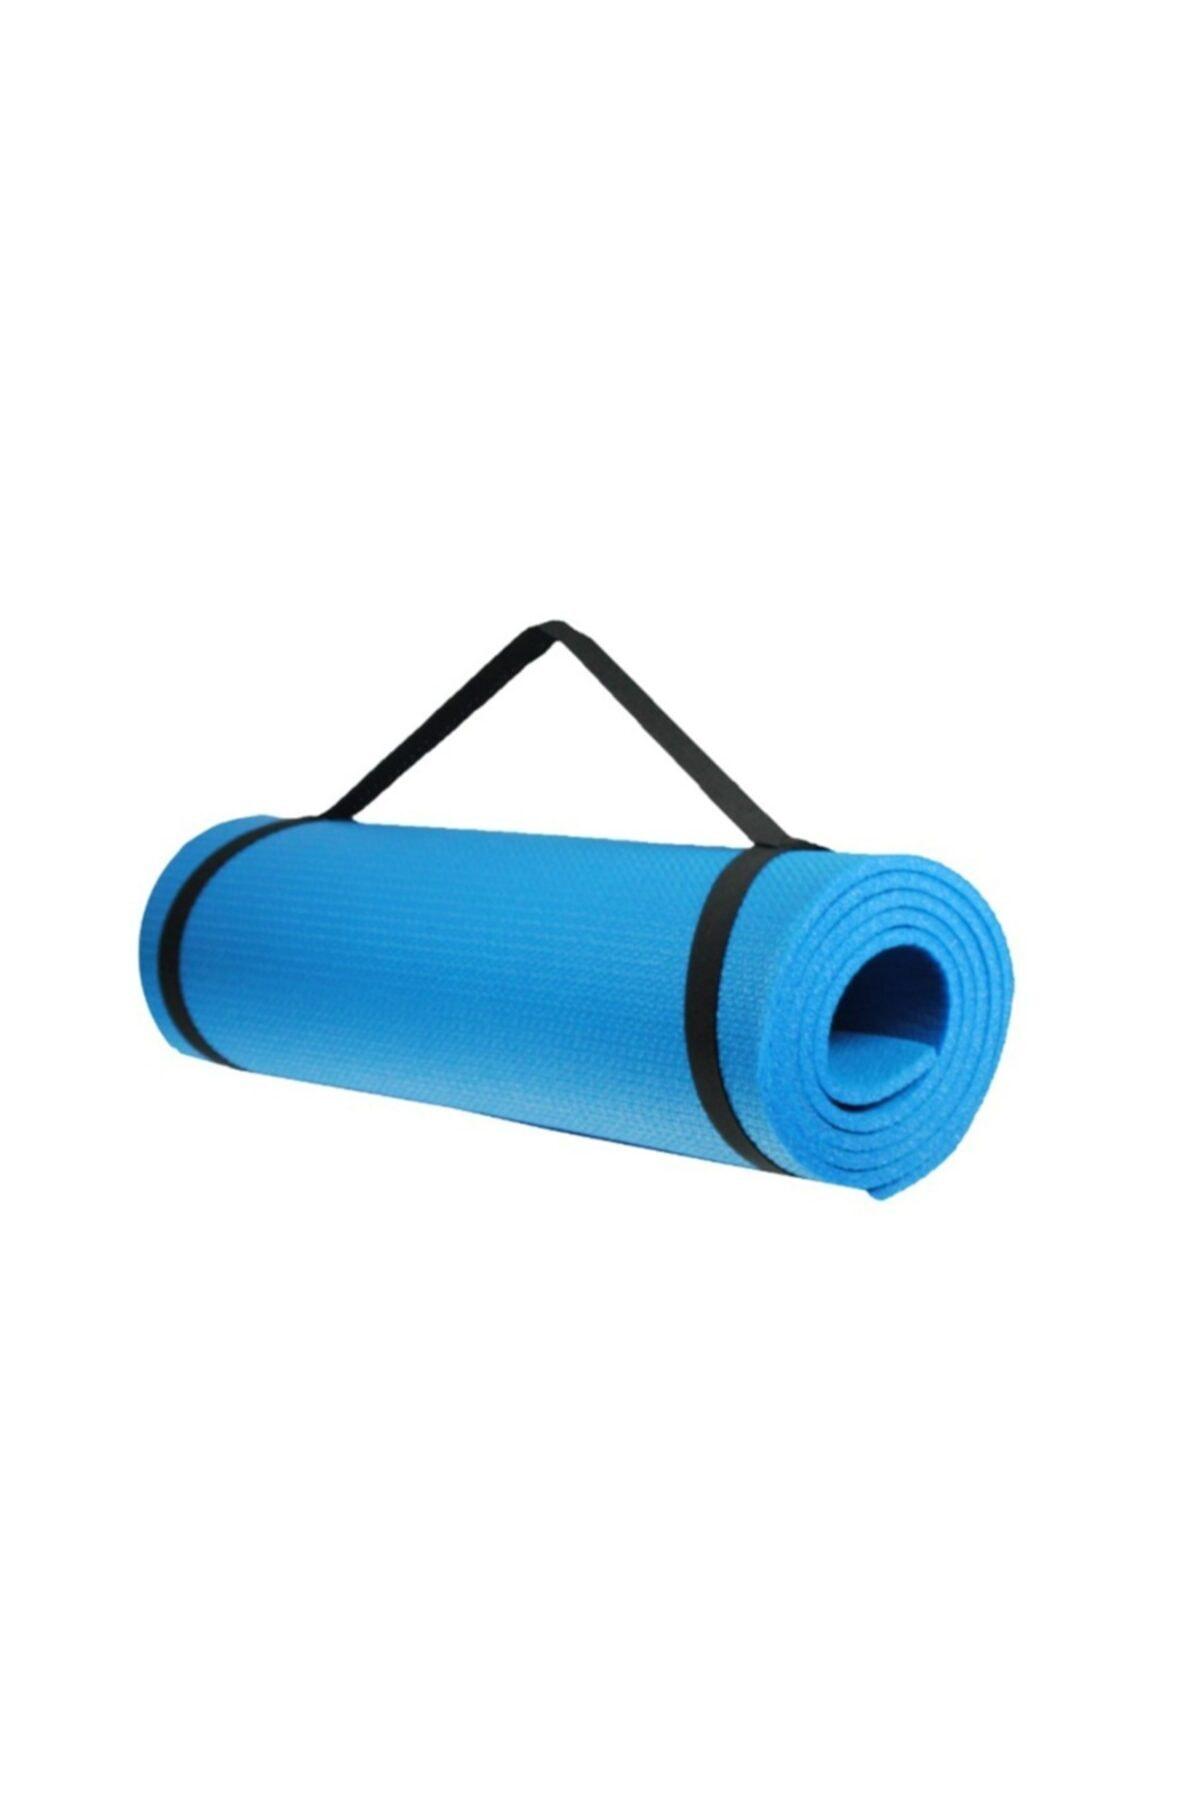 Walke 7 Mm Kalınlık Pilates Matı Yoga Matı Kamp Matı Mavi Boy 150 Cm En 51 Cm 2